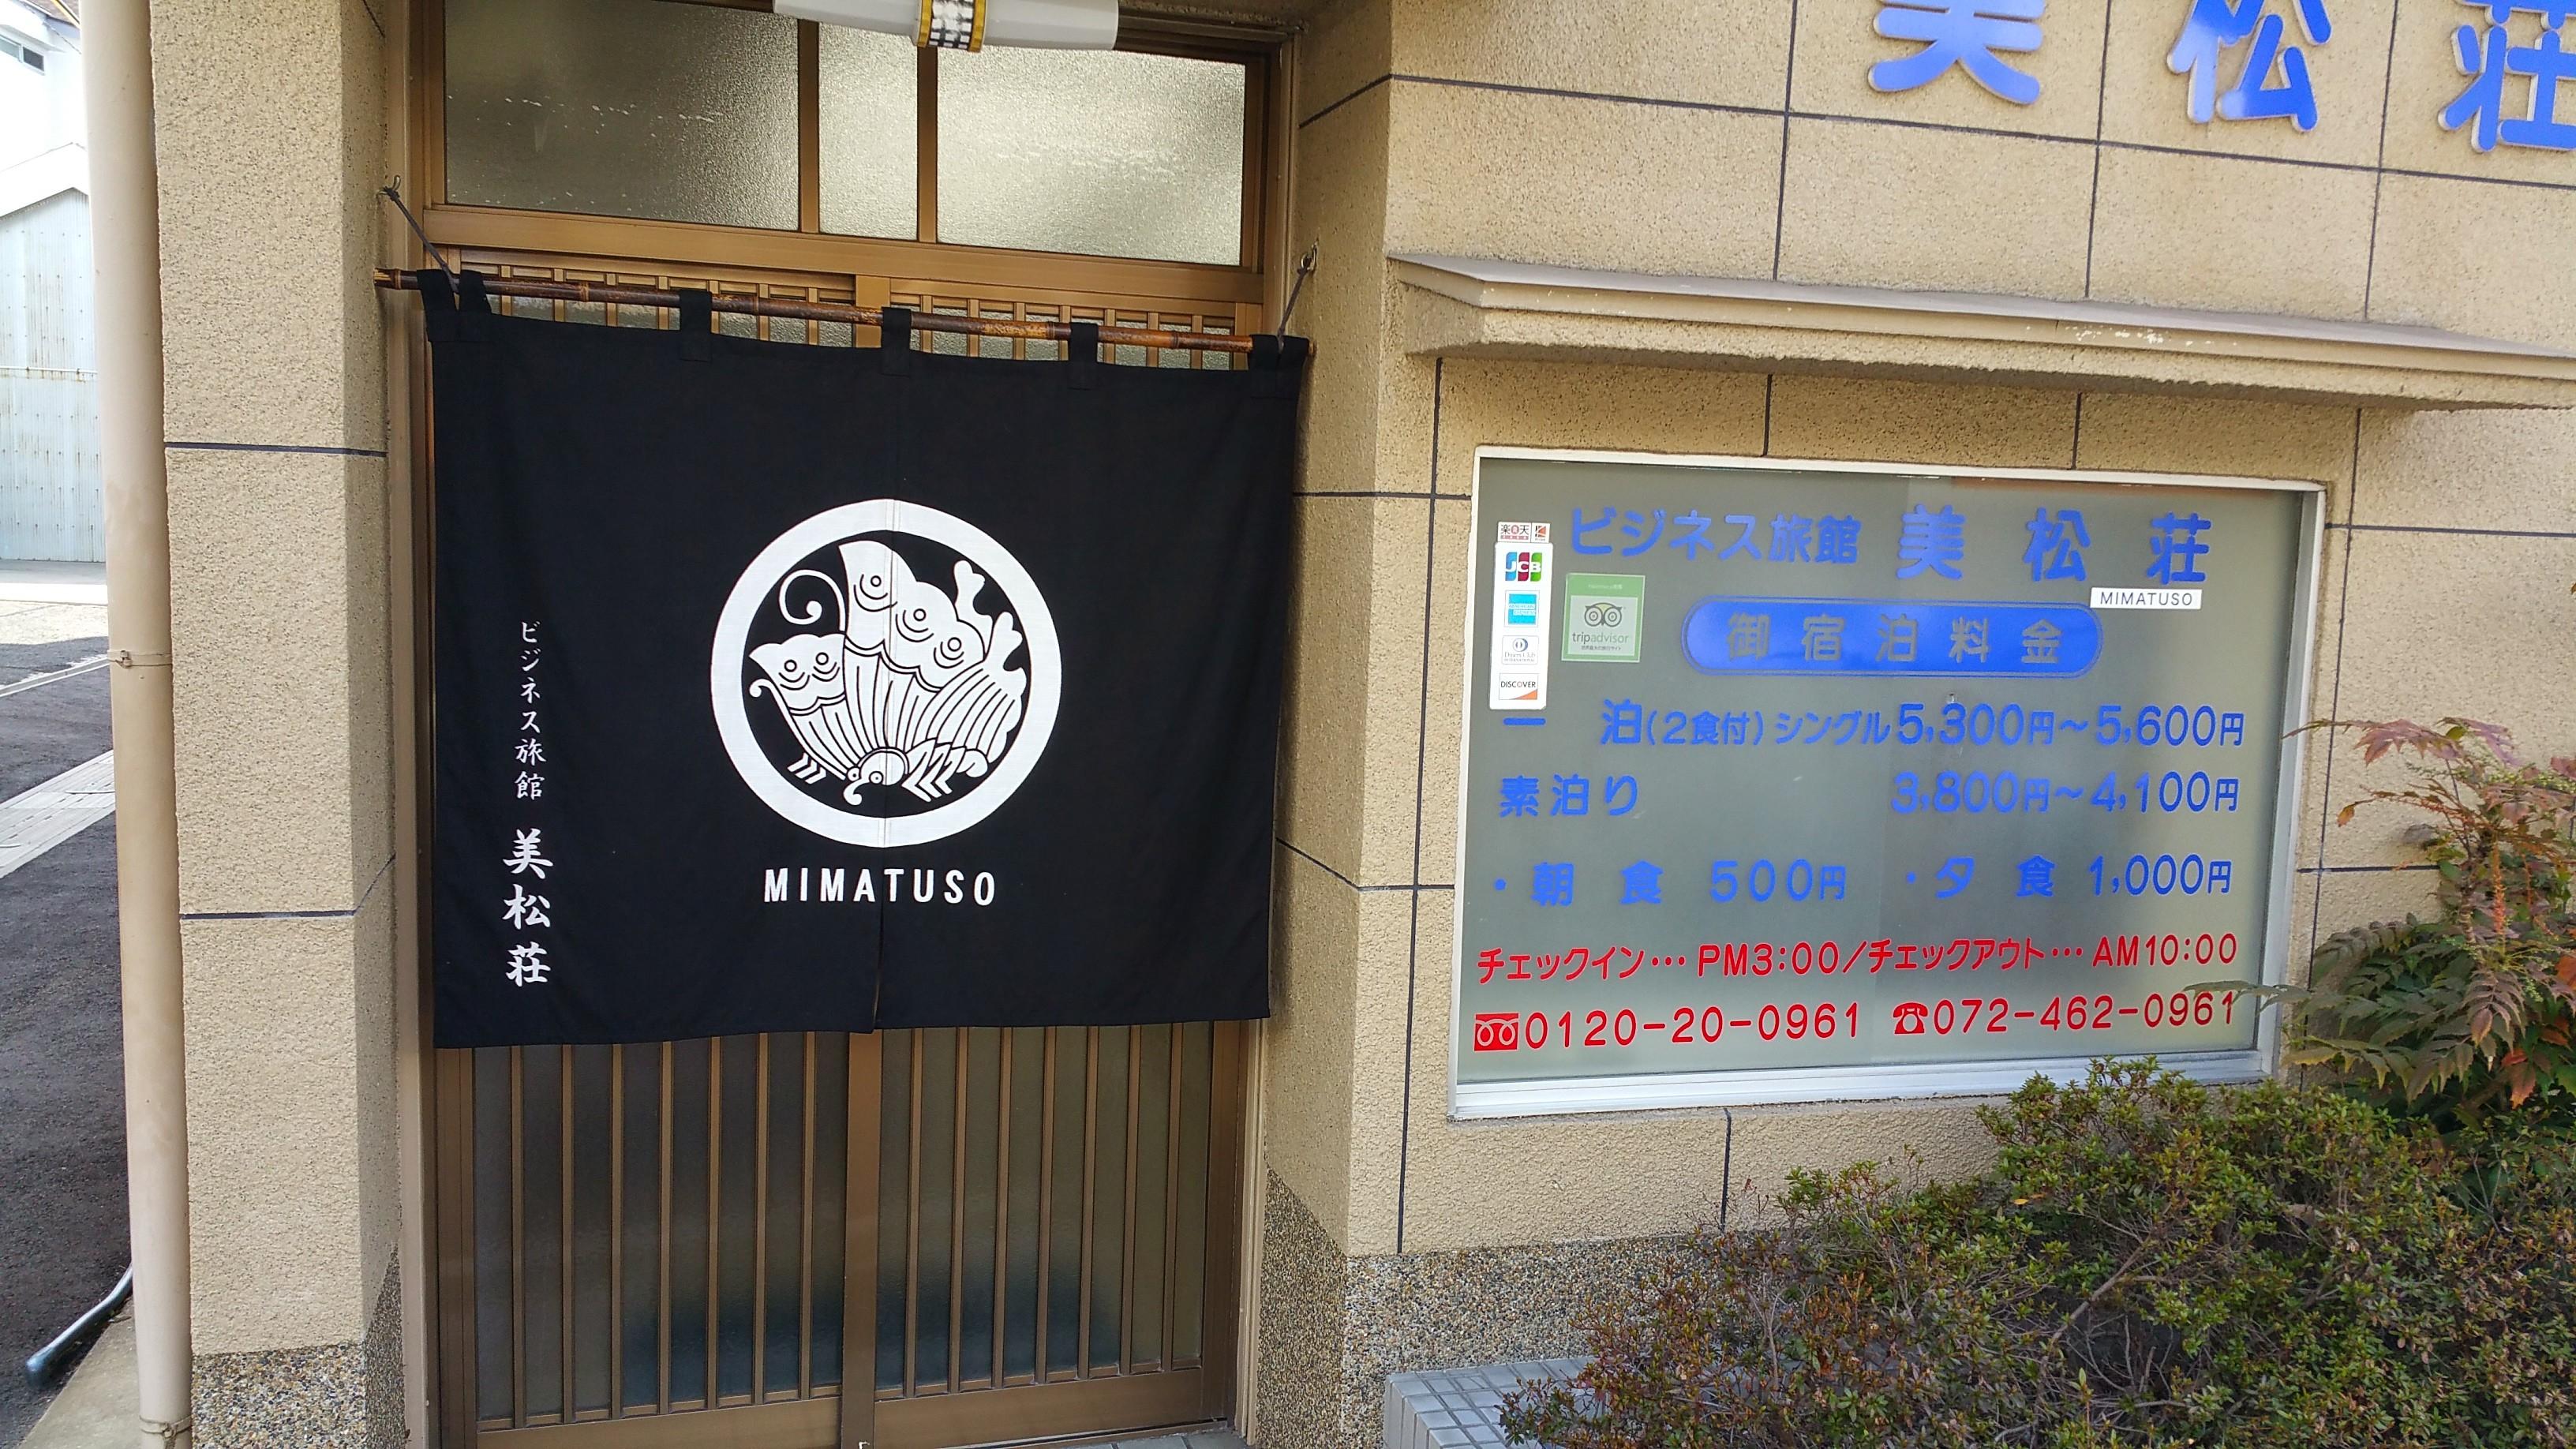 Our ryokan in Osaka.